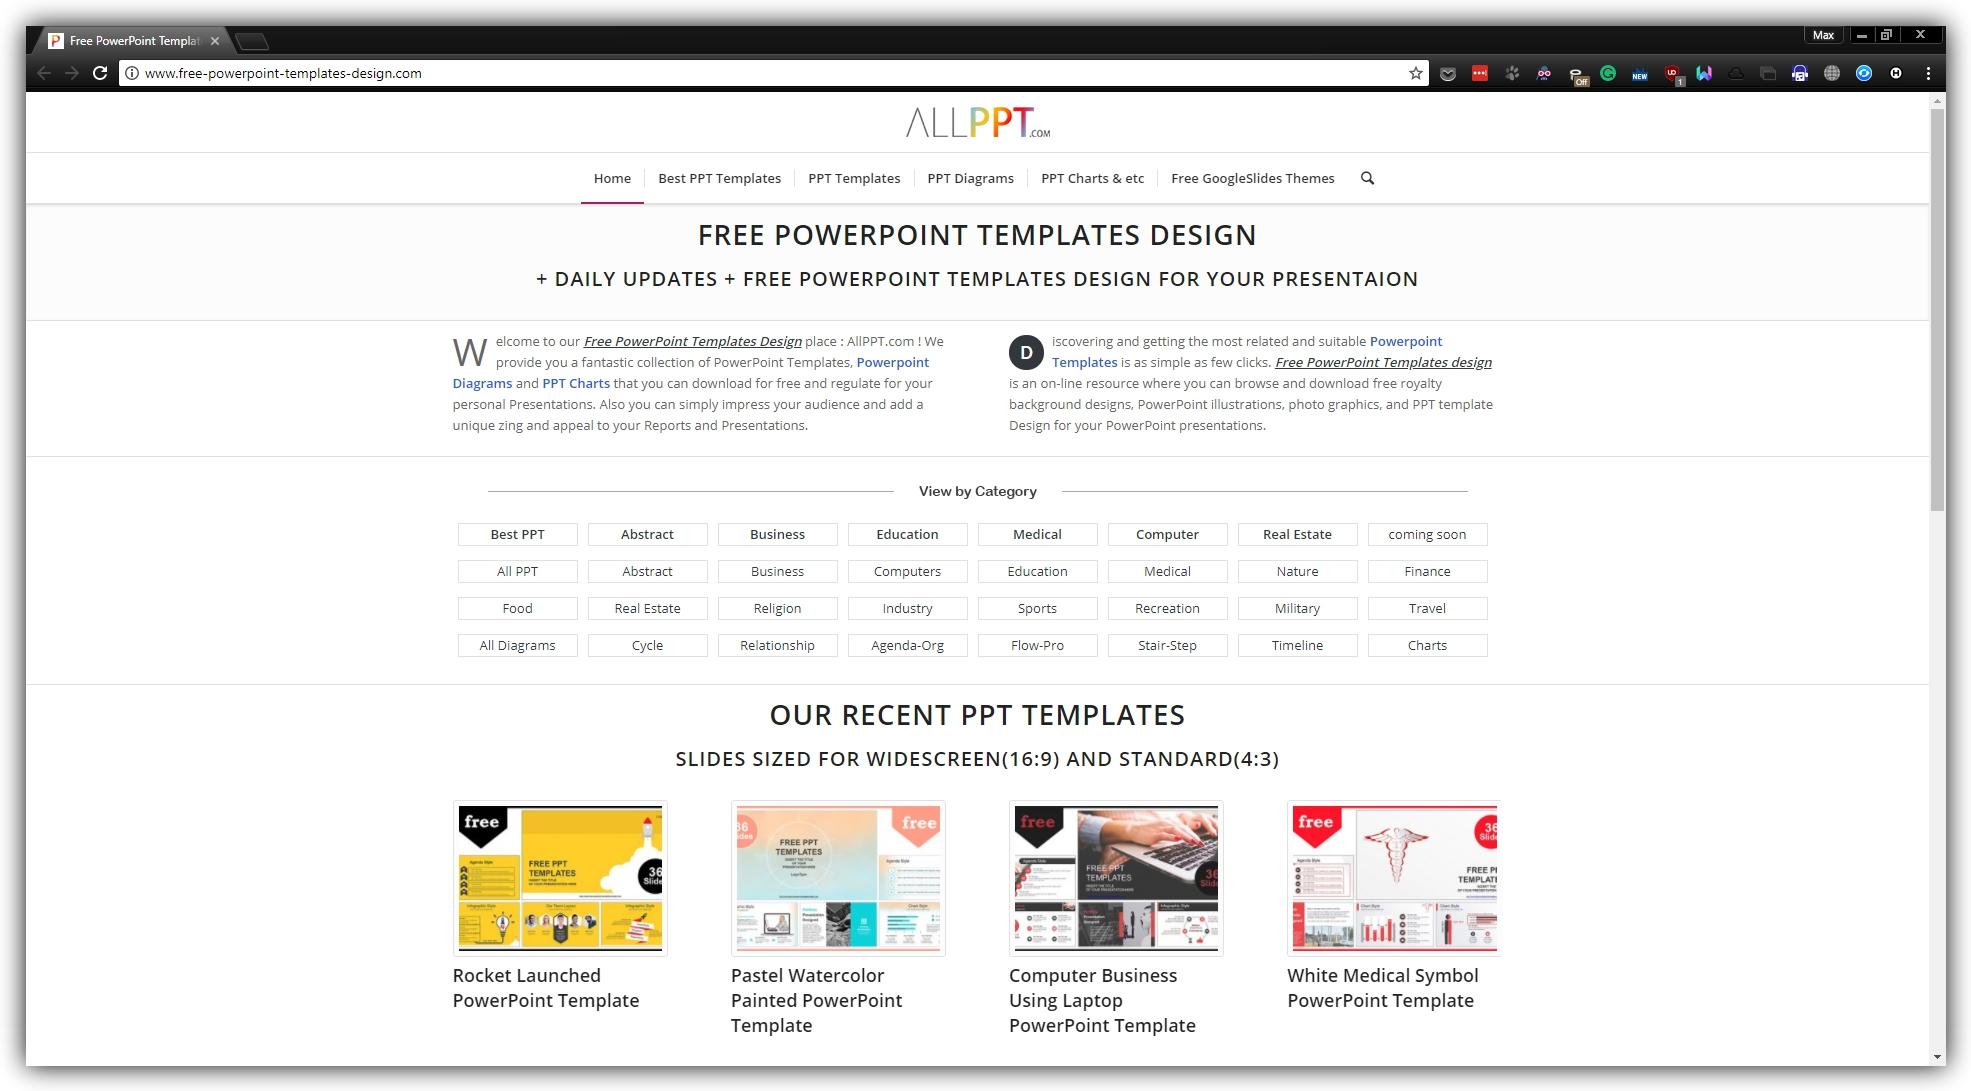 Где скачать бесплатные шаблоны презентаций: ALLPPT